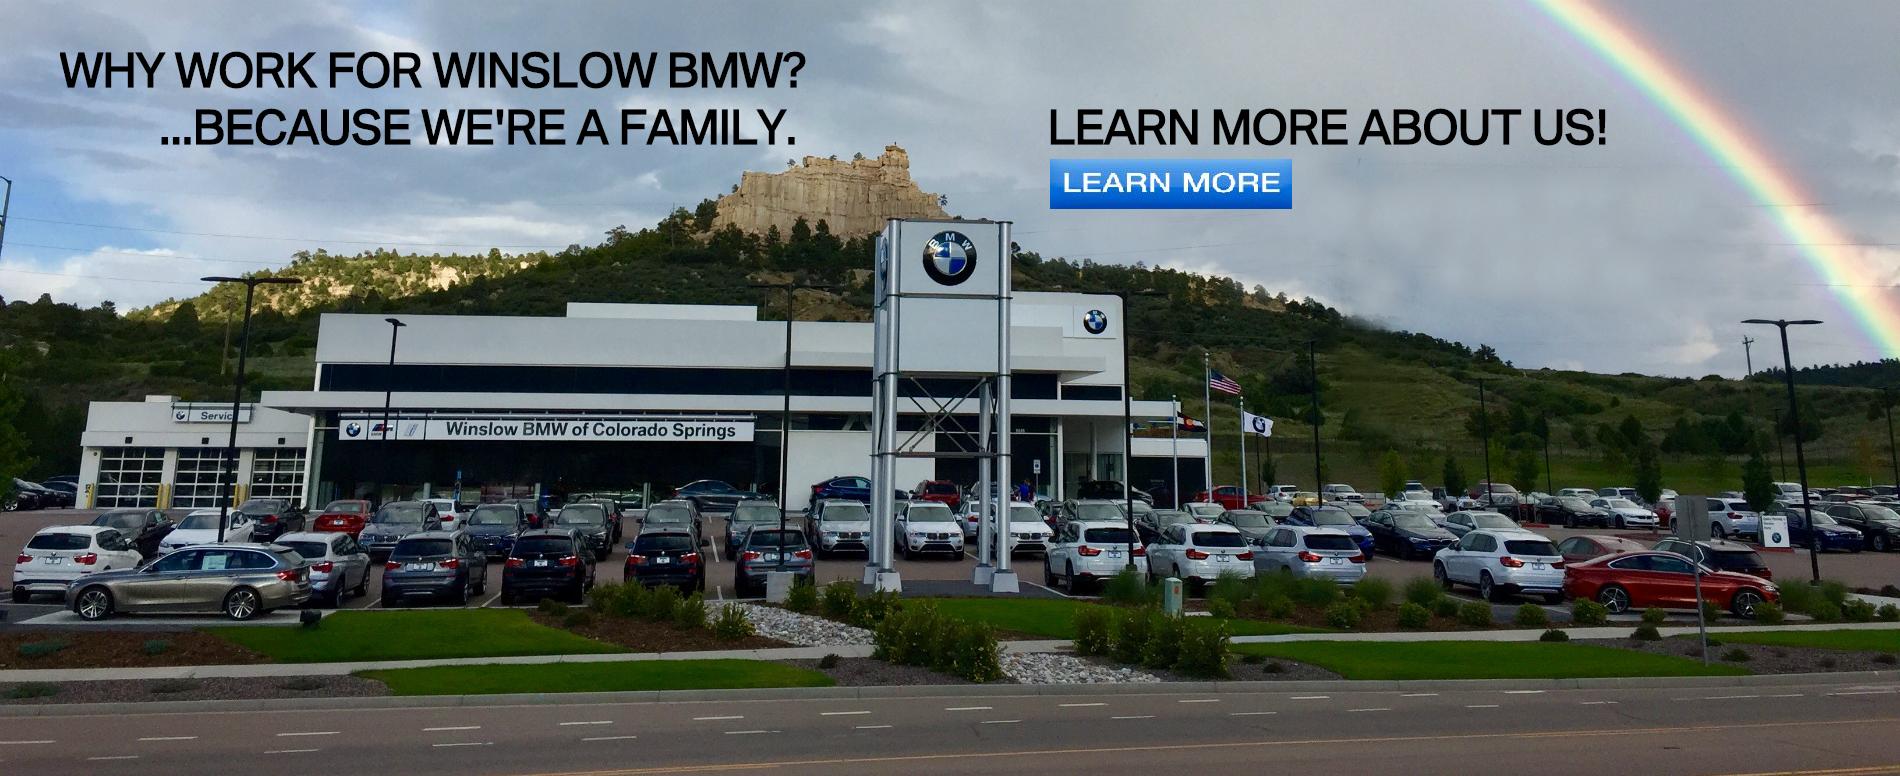 BMW Job Openings In Colorado Springs